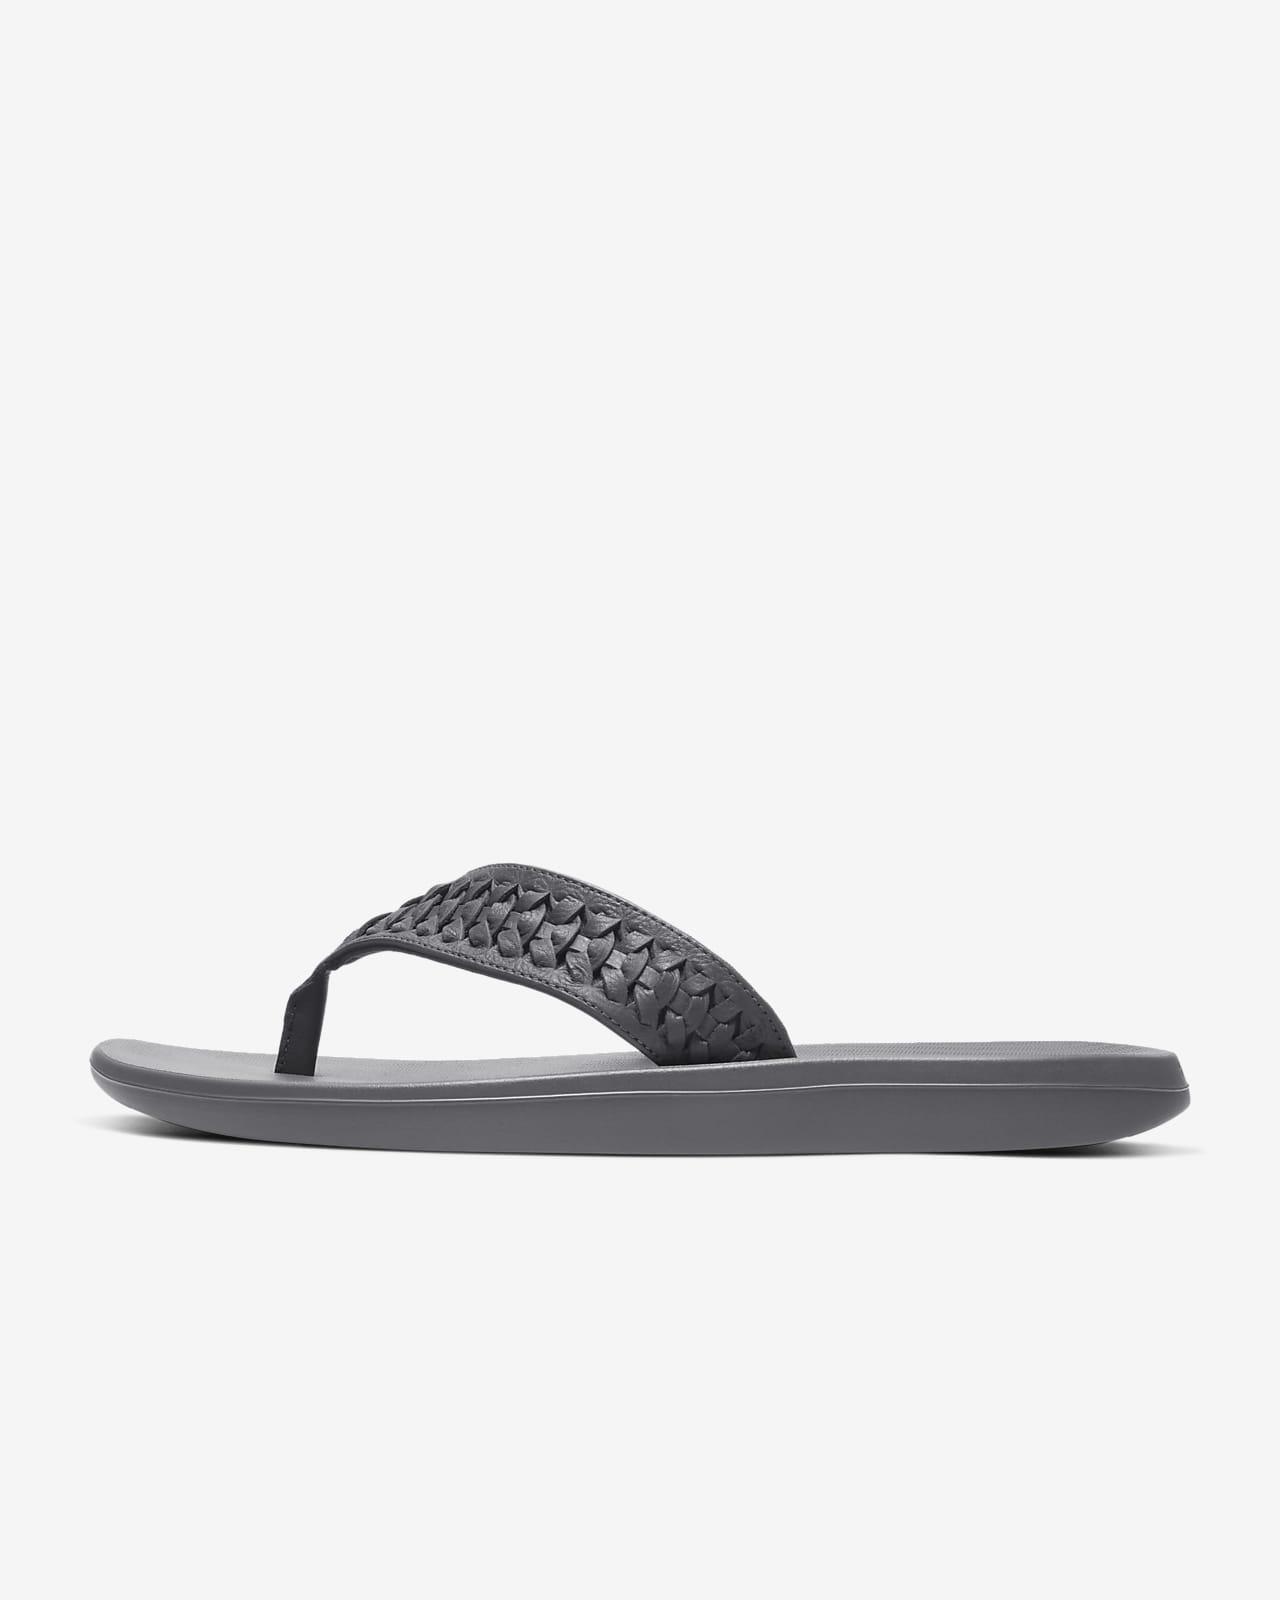 รองเท้าแตะคีบผู้ชาย Nike Kepa Kai 2 Leather